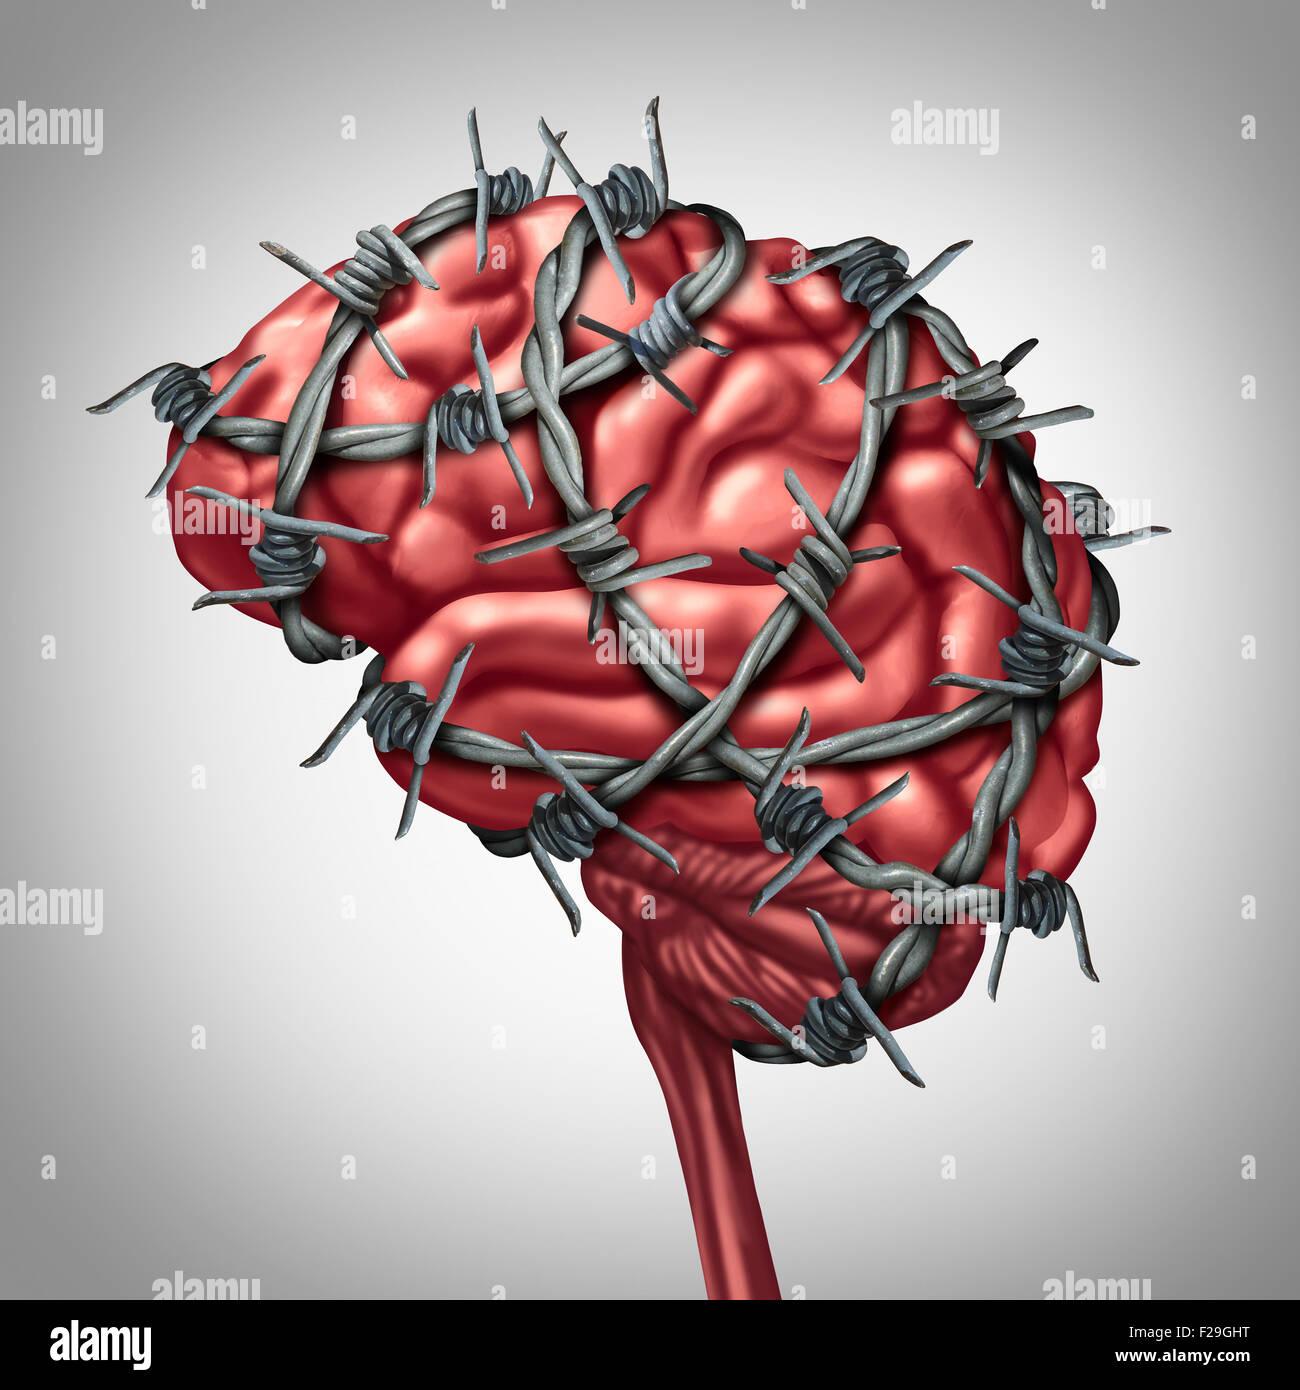 Gehirn Schmerzen medizinische Gesundheitsversorgung Konzept als menschlichen Denkens Organ mit Barbwire oder scharfe Stockbild